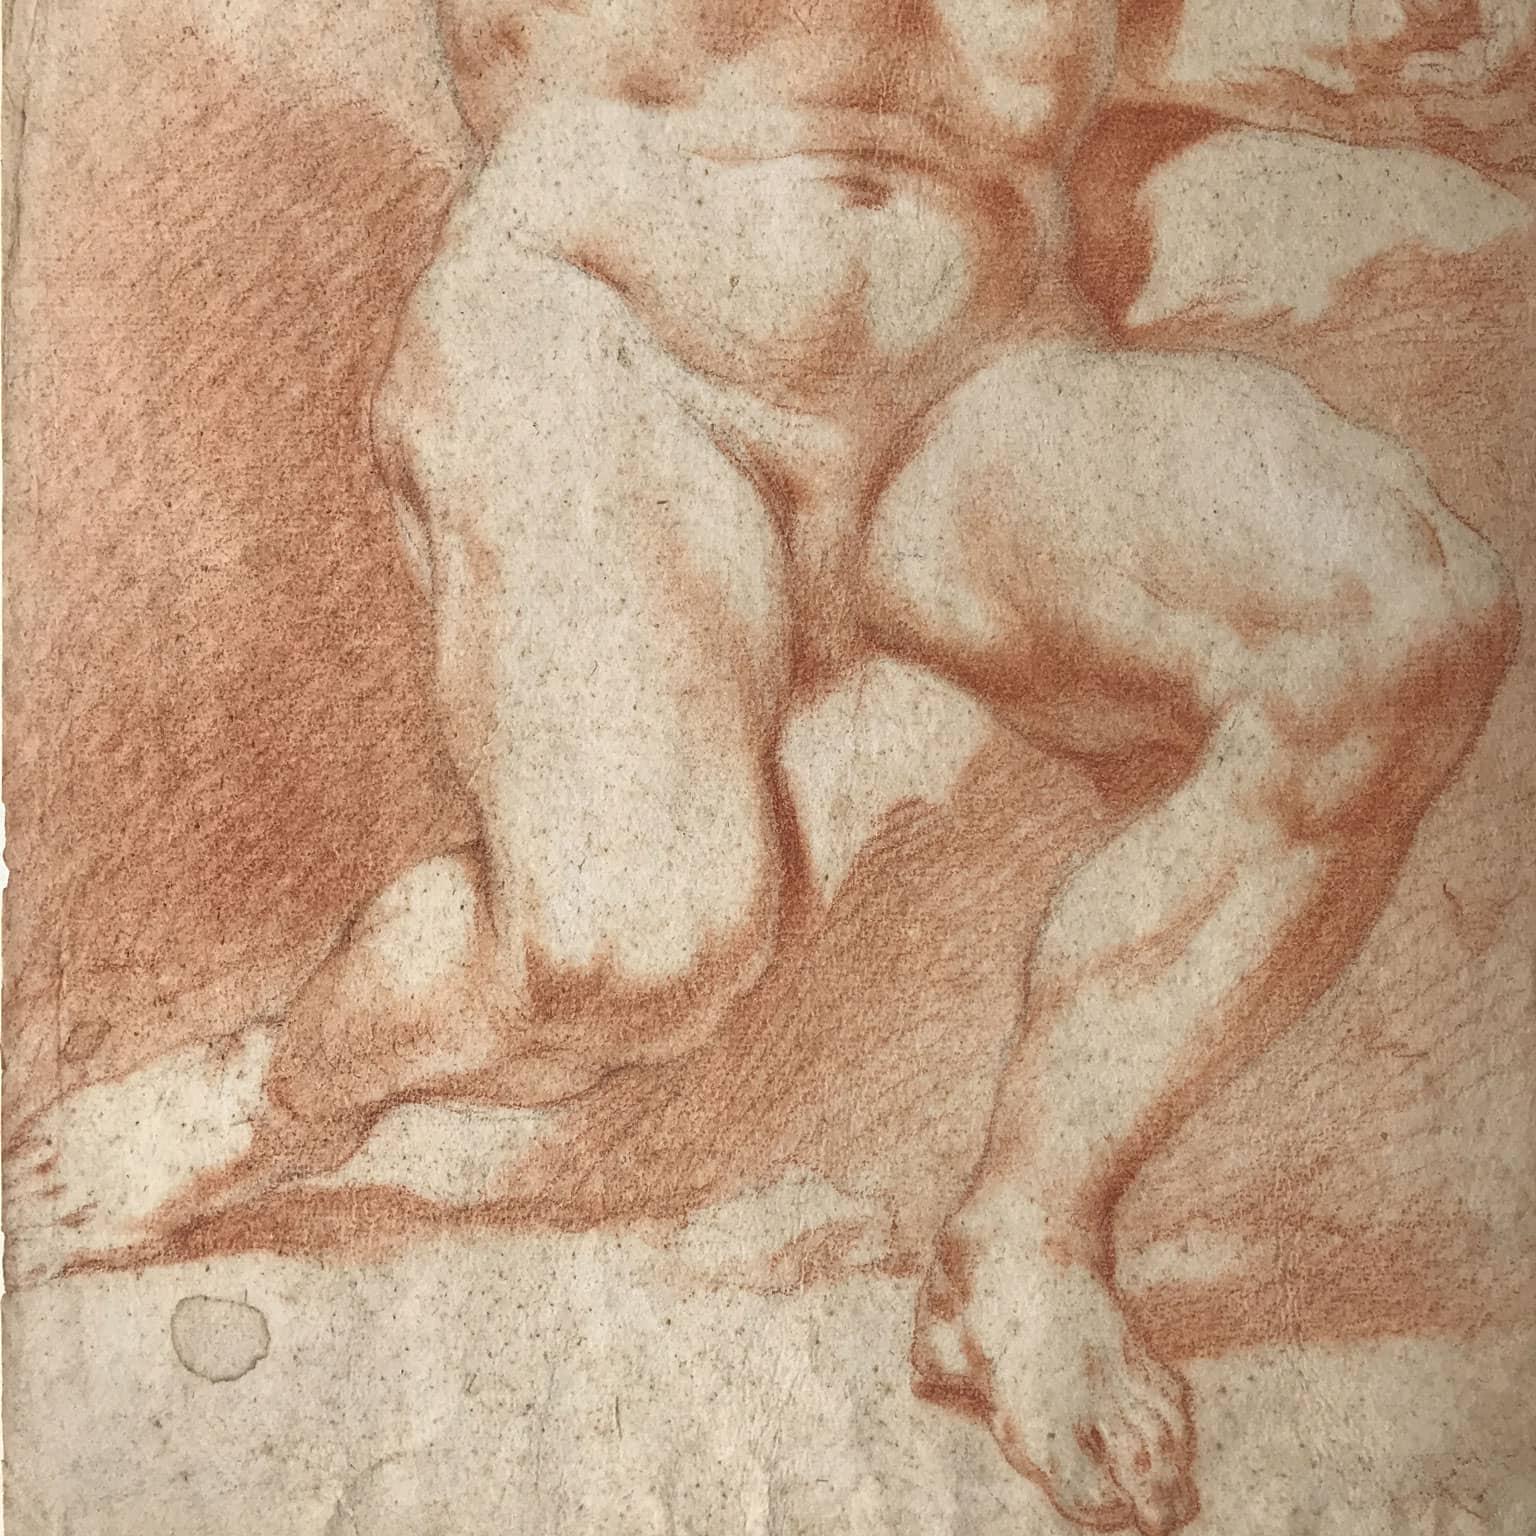 Coppia di disegni a sanguigna di nudi maschili in buono stato.